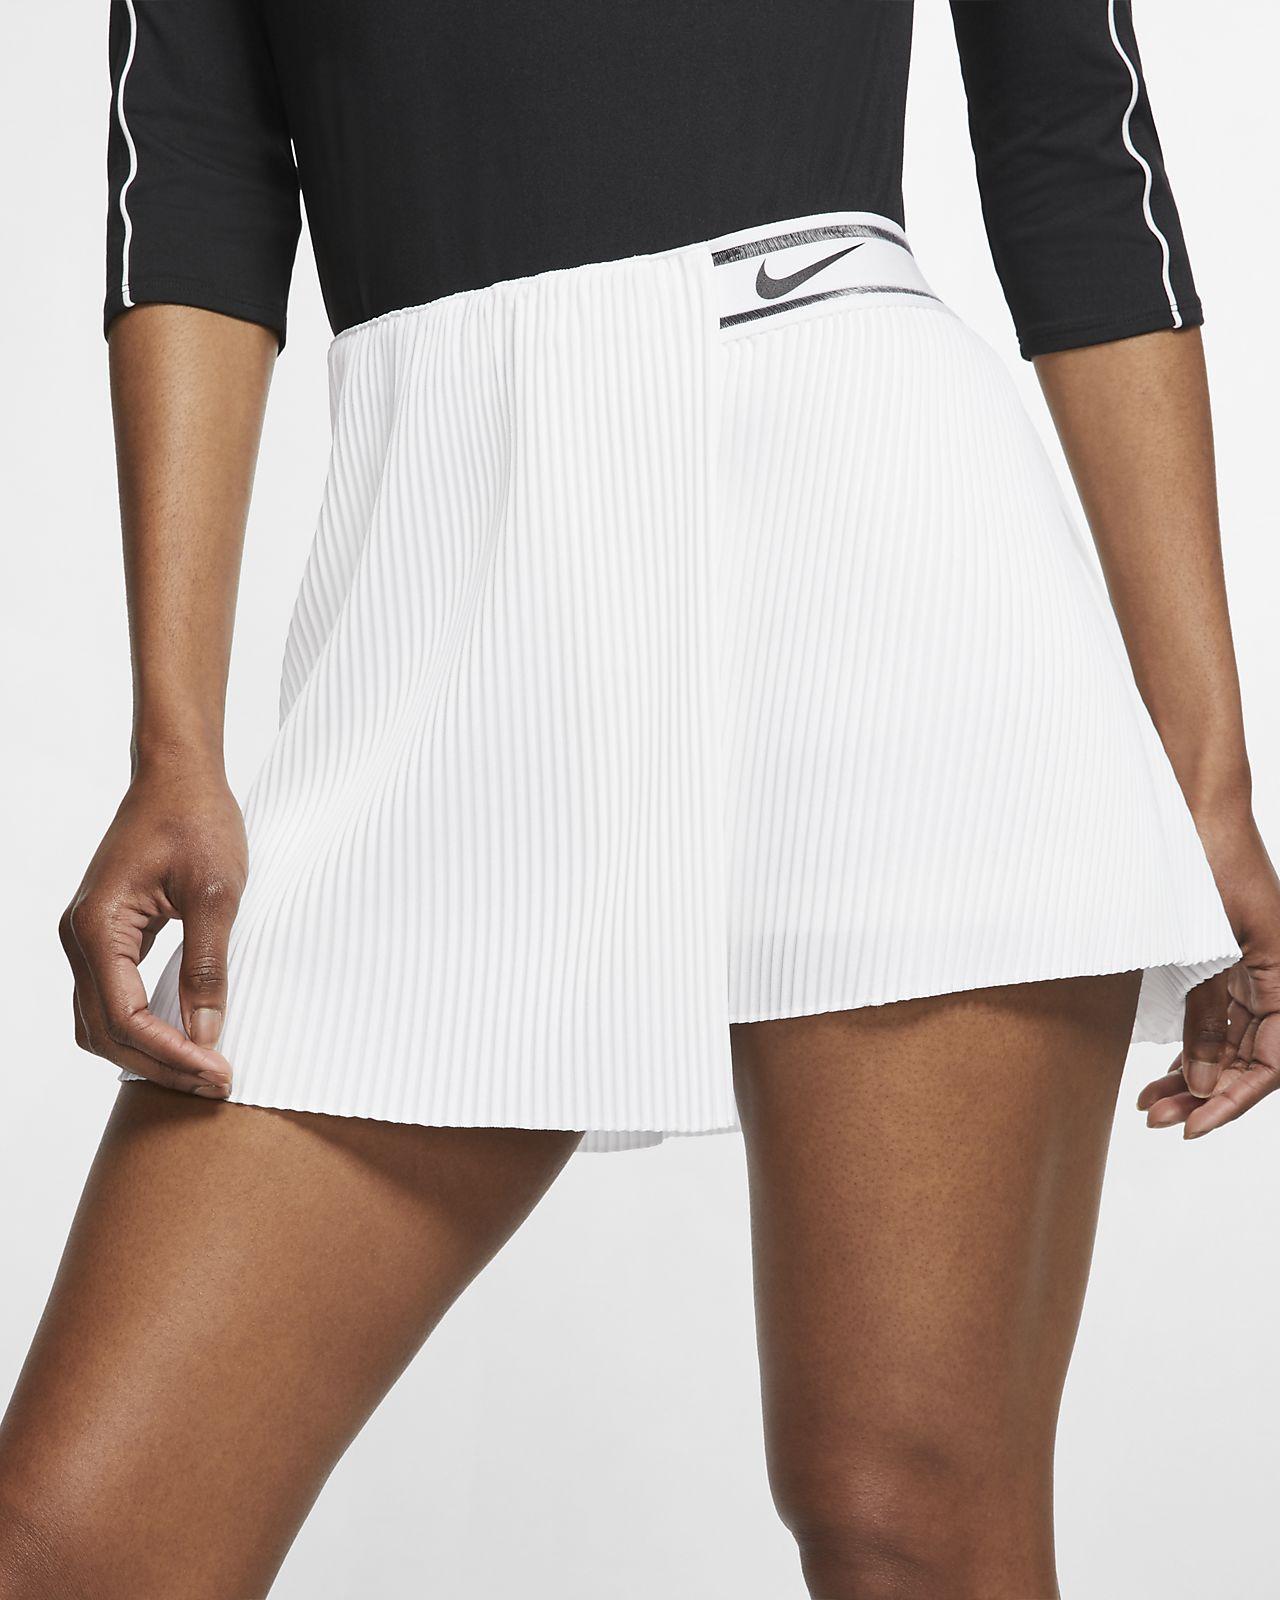 NikeCourt Slam Kadın Tenis Eteği